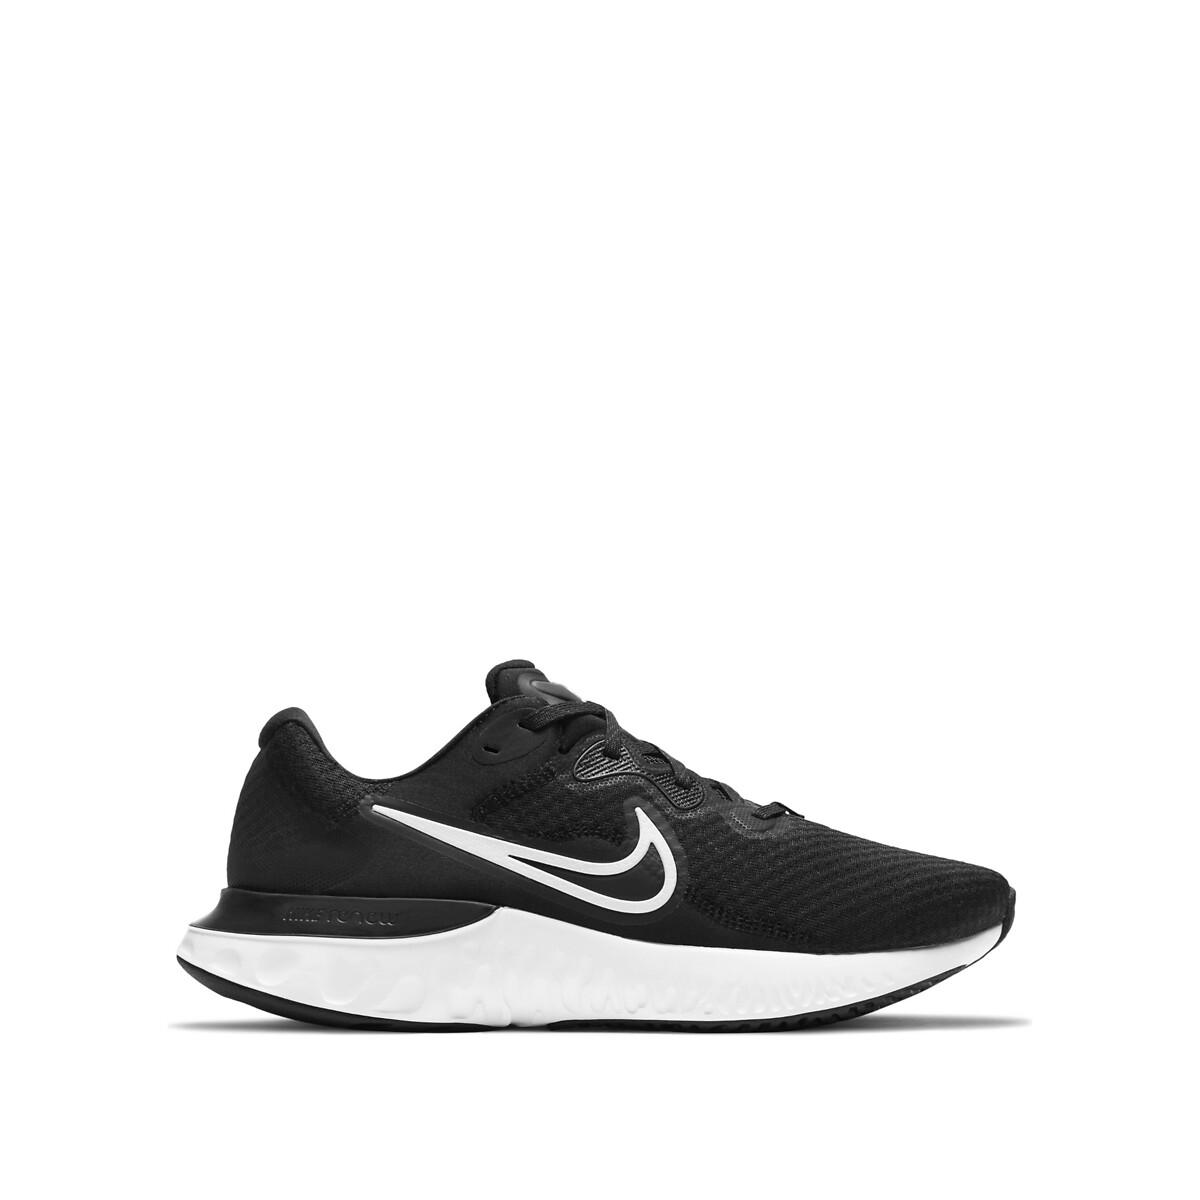 Nike Renew Run 2 hardloopschoenen zwart/wit/grijs online kopen